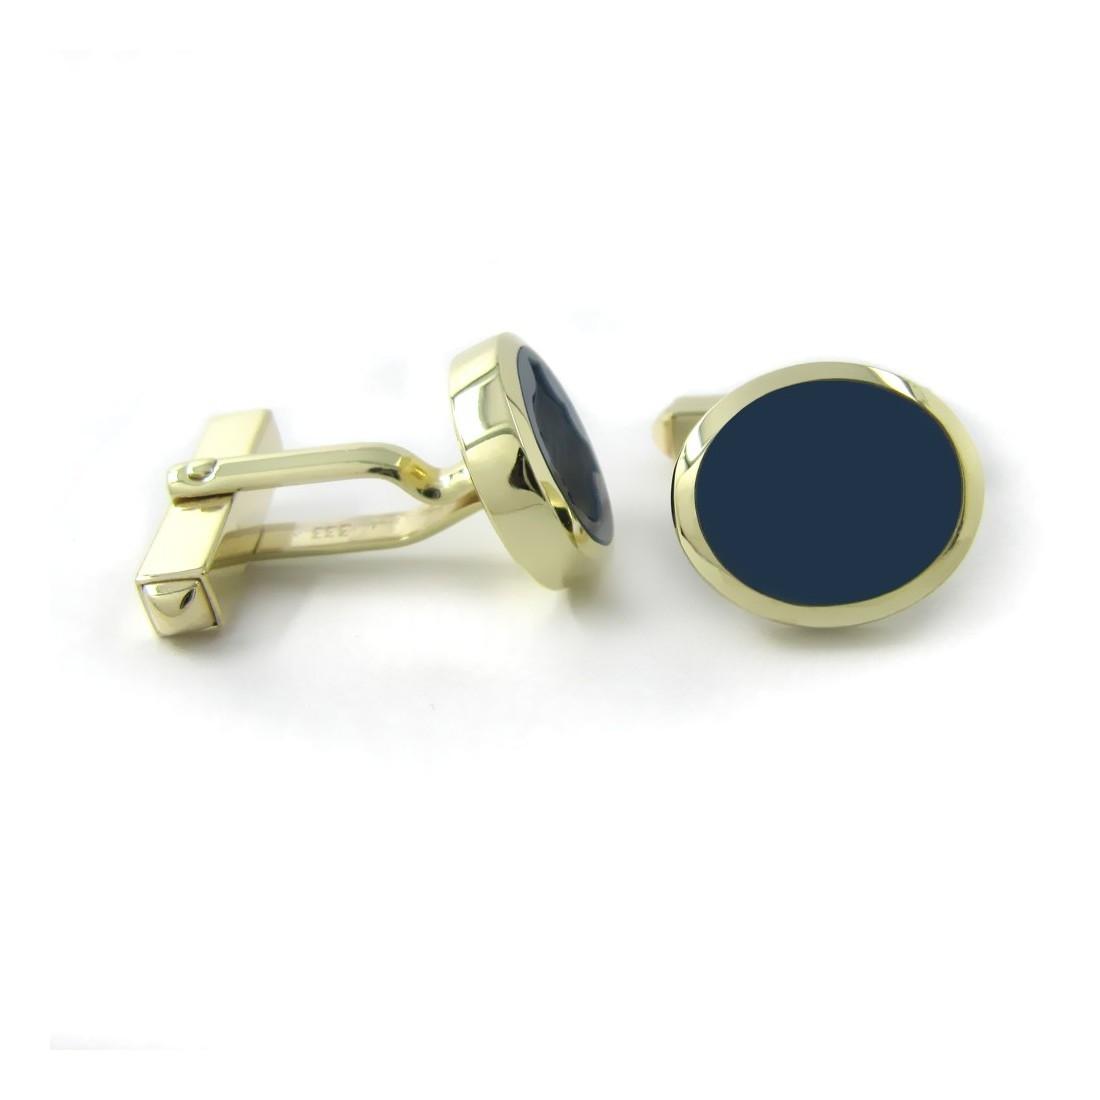 Manschettenknöpfe in Gold mit Stein 13x11 mm oval